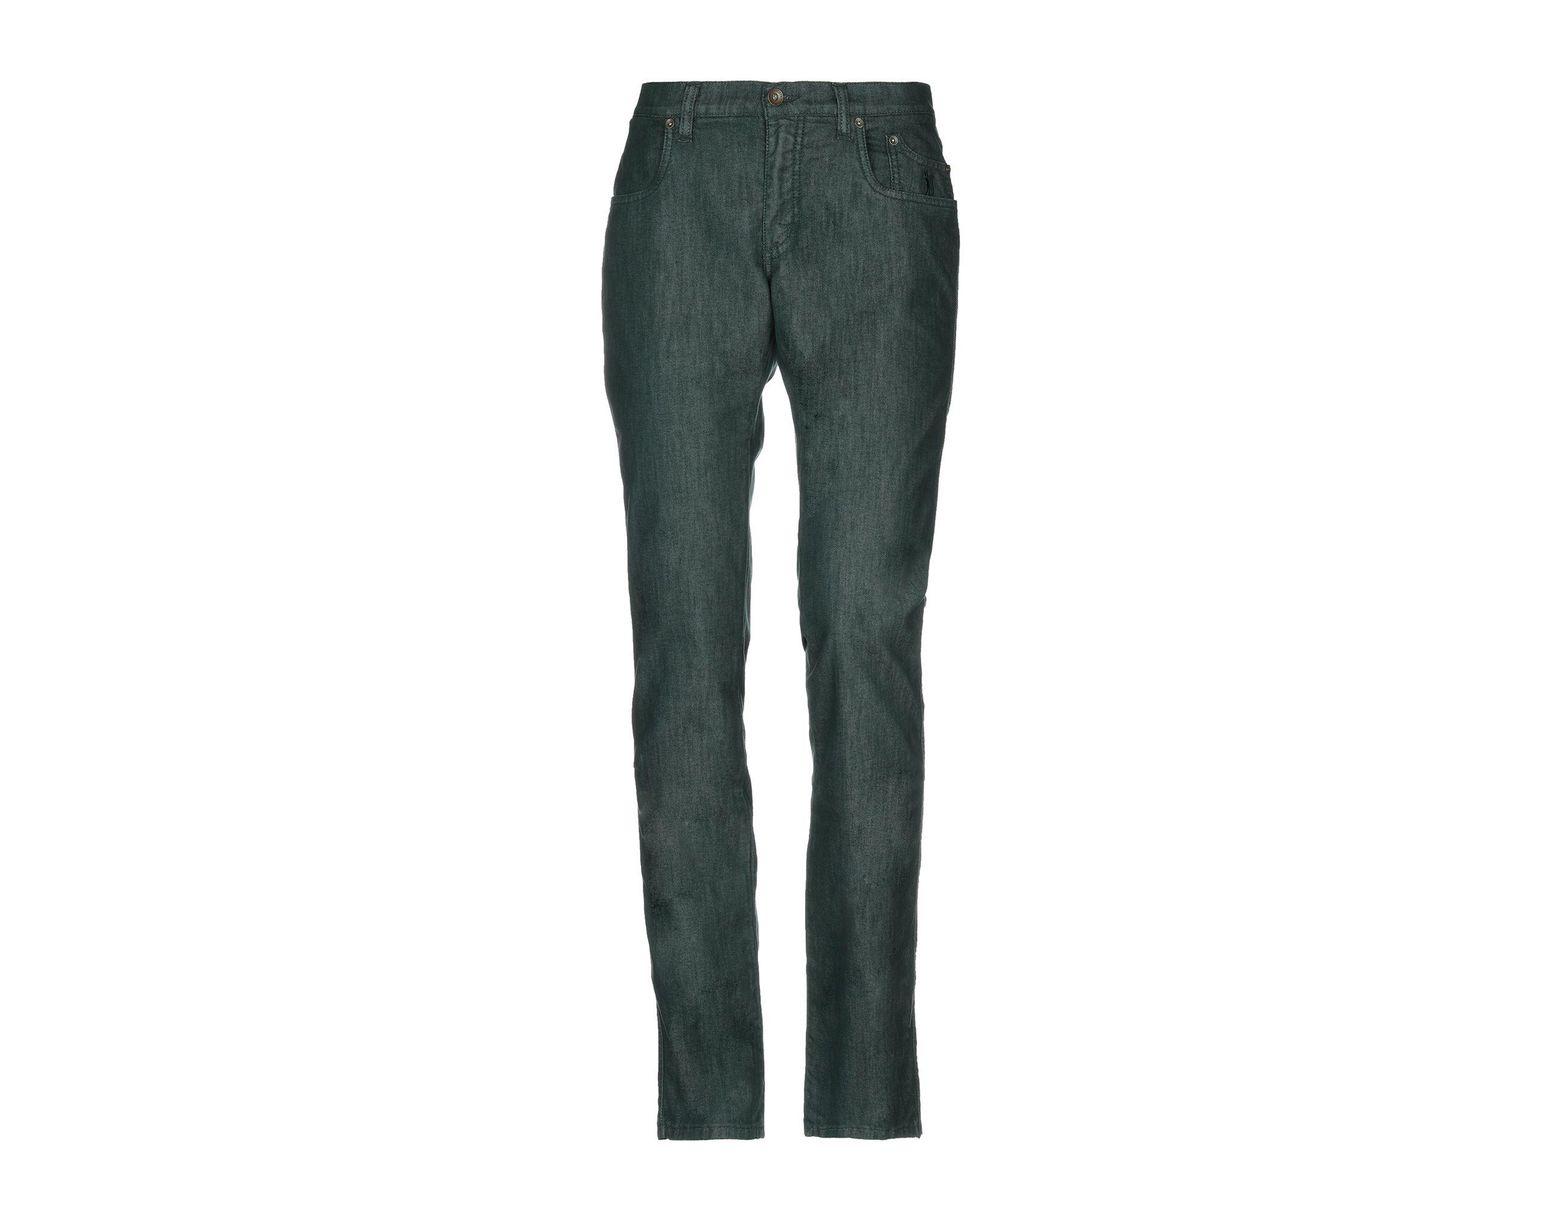 De Coloris Vert Pantalon Jean Femme En qzVUpSM